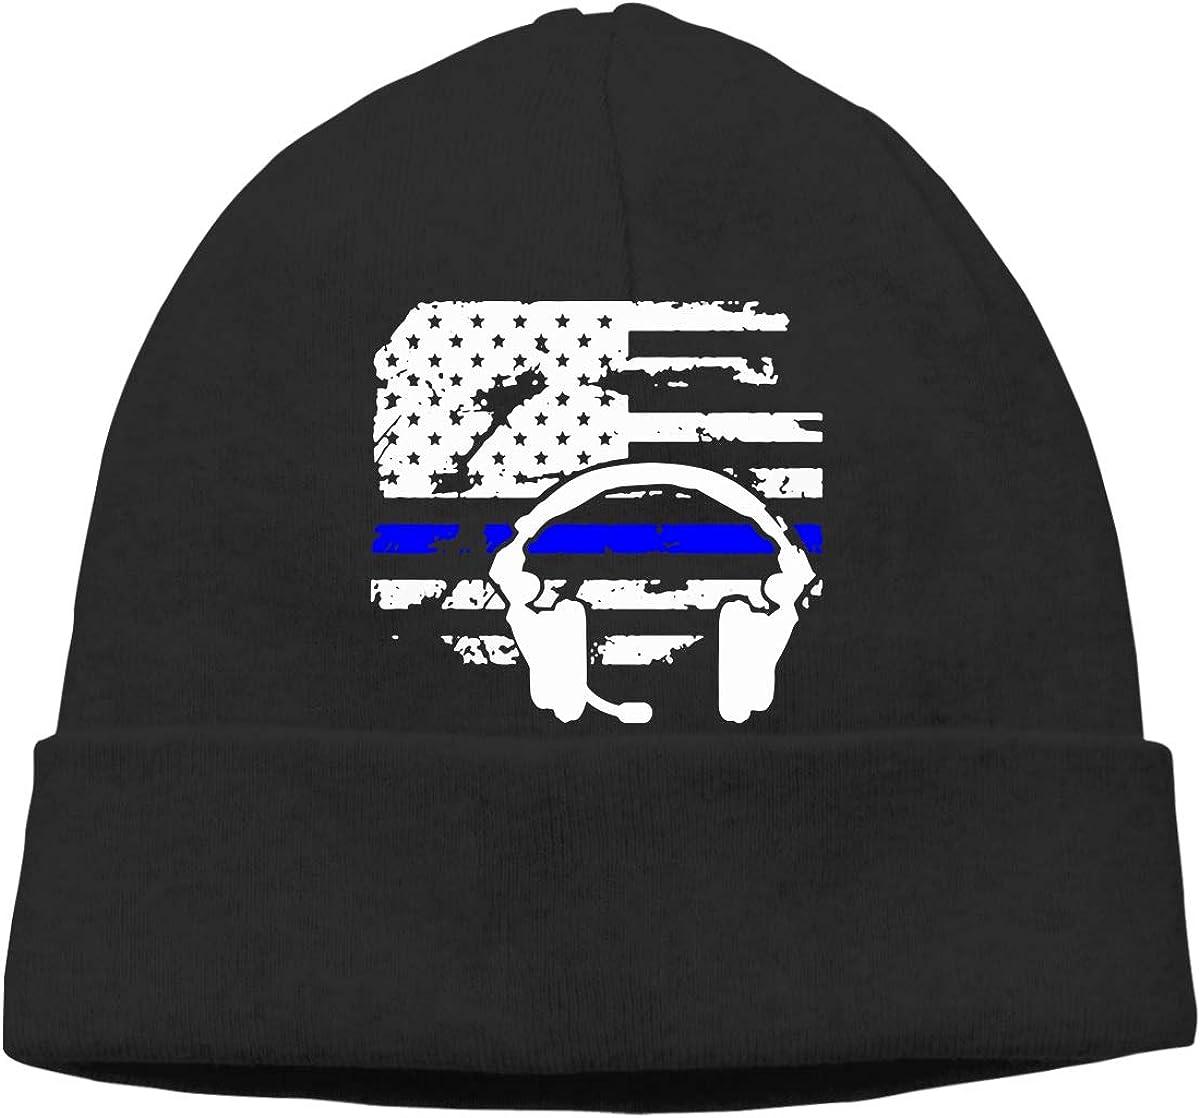 GDSG5/&4 911 Dispatcher Men and Women Helmet Liner Cycling Beanie Cap